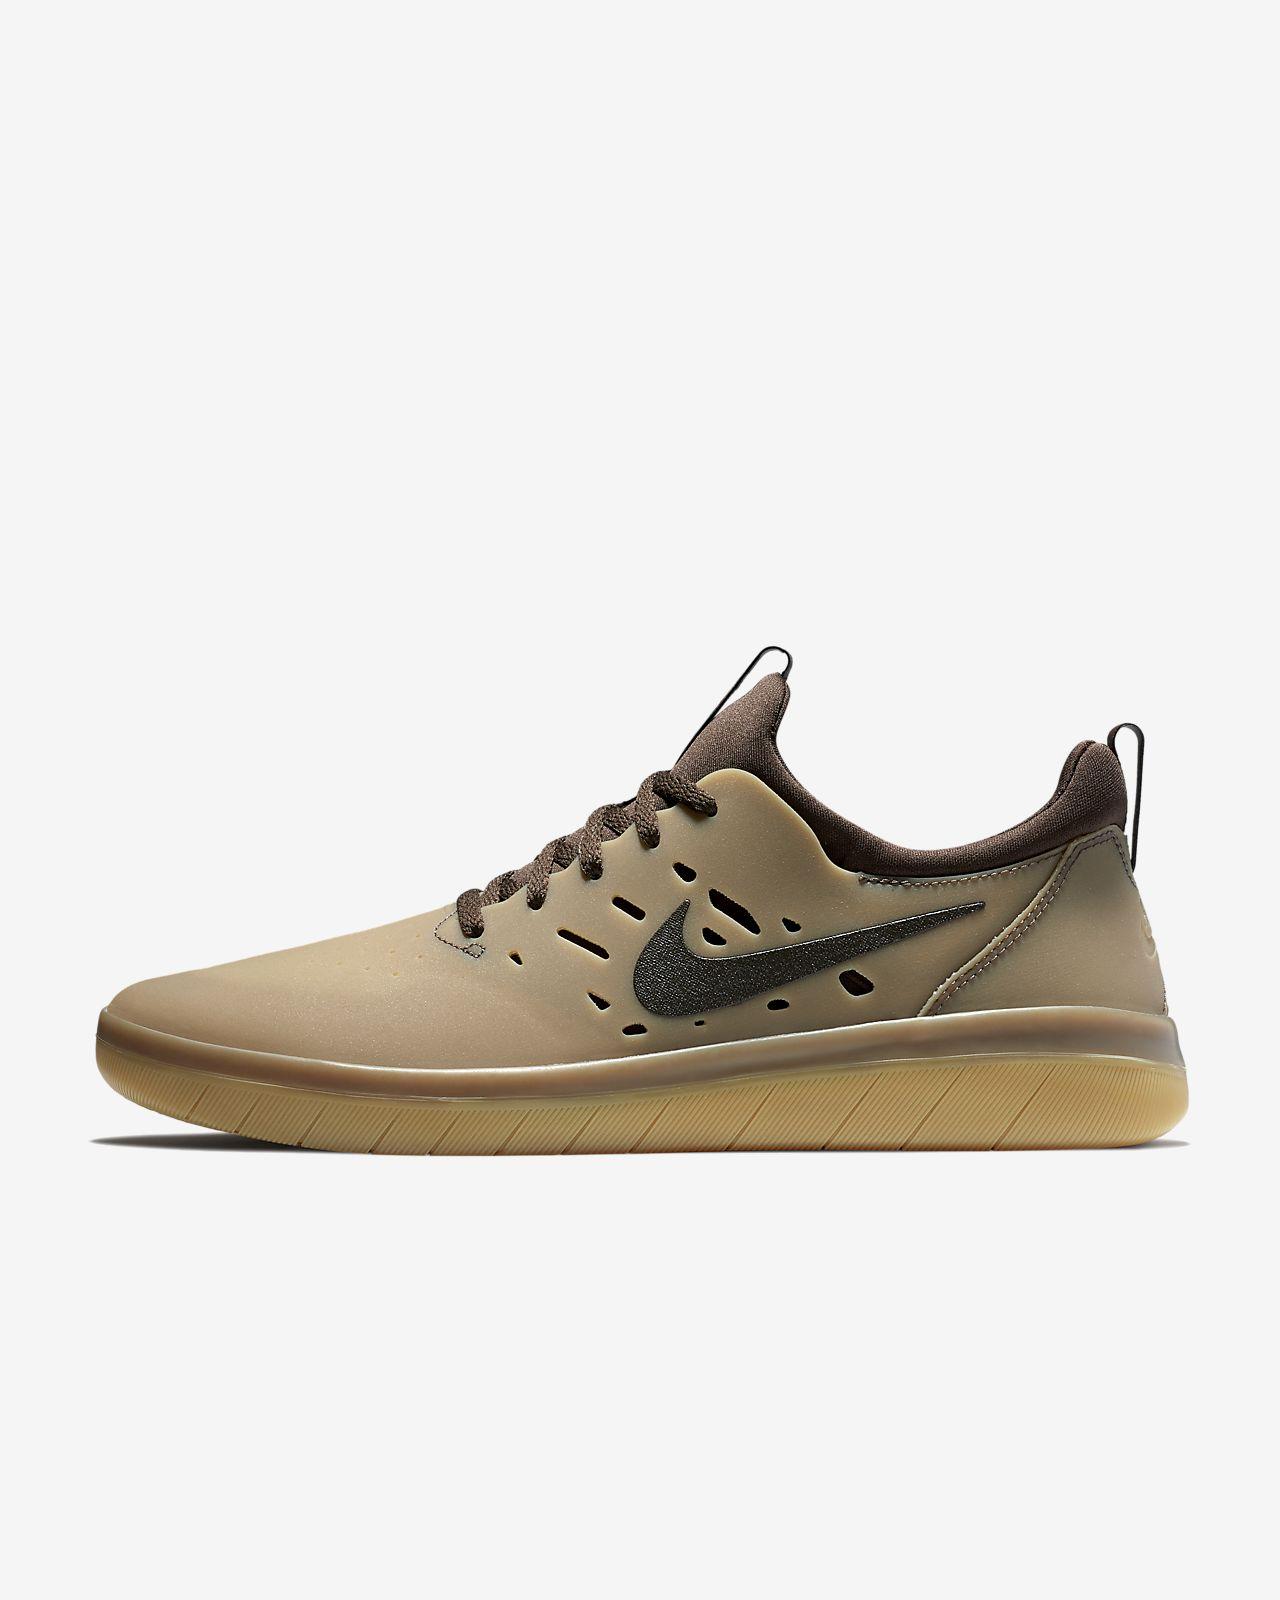 d'origine à vendre Nike Magasins Près De Chez Moi L'embauche boutique en